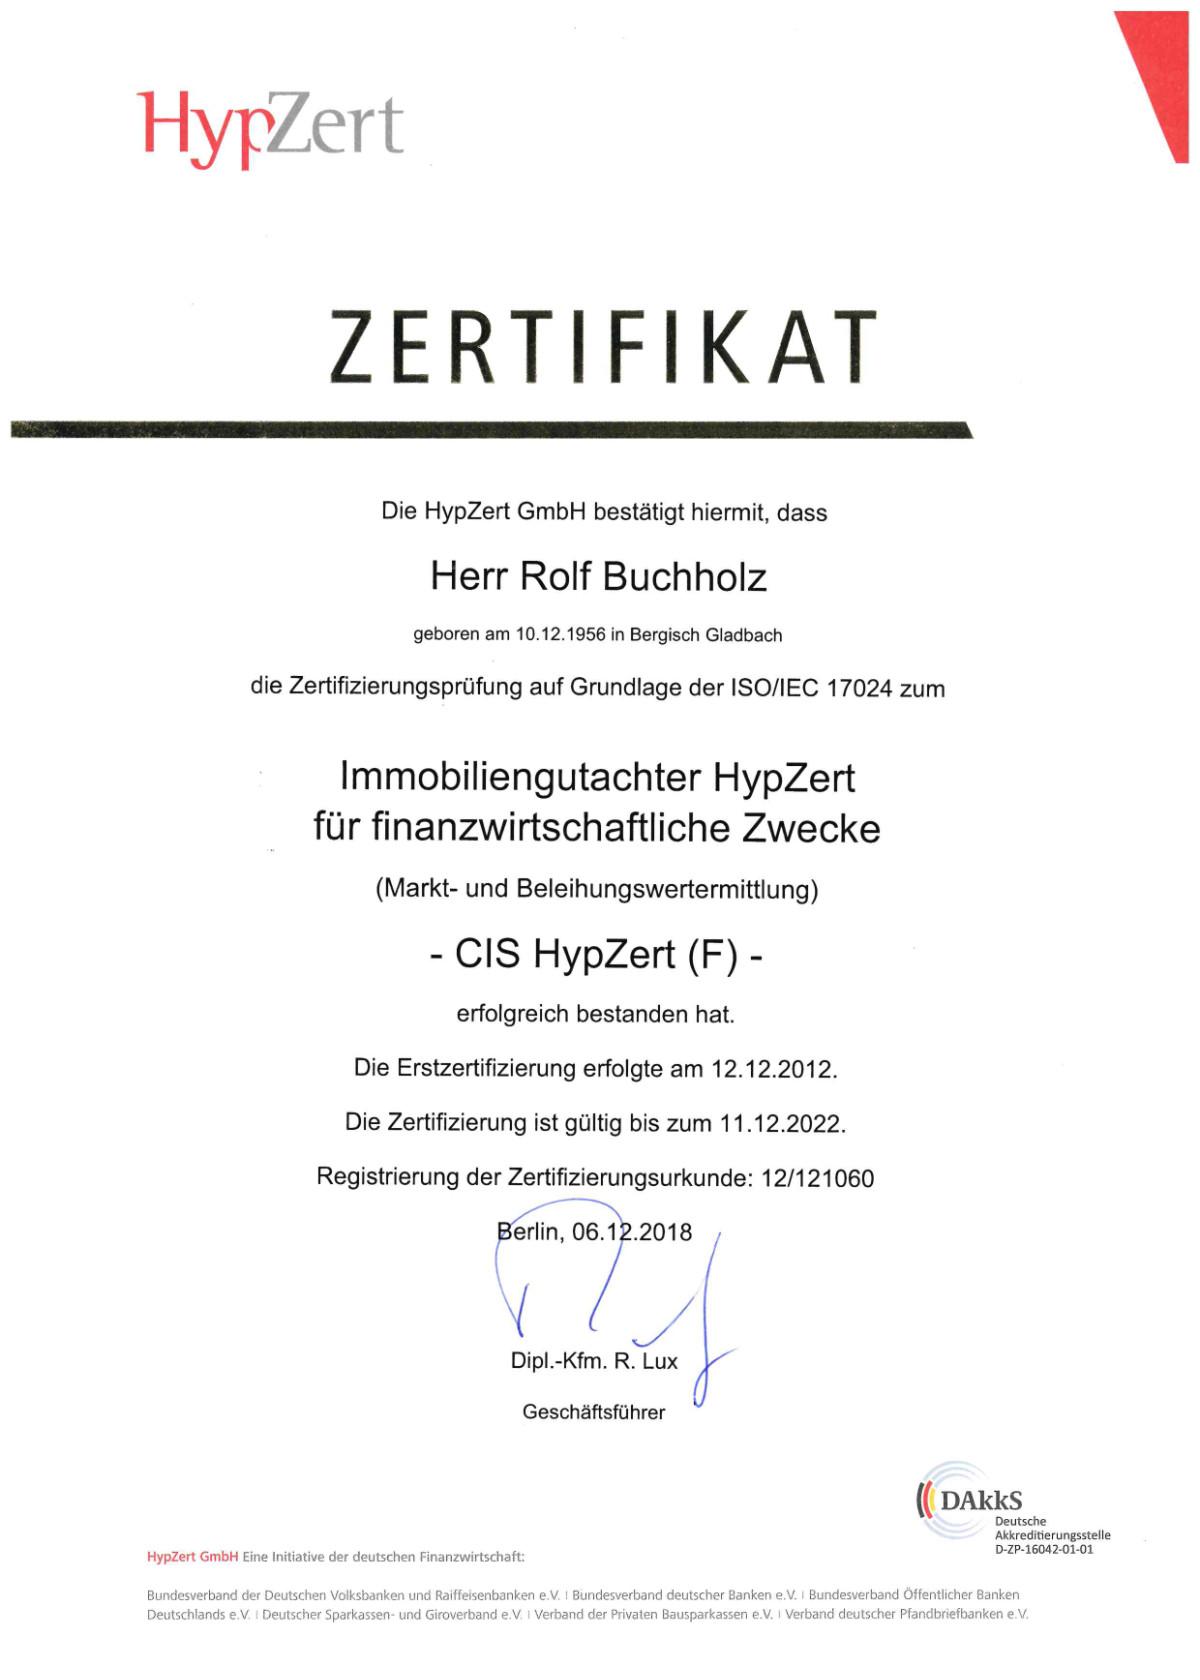 HypZert Zertifikat Rolf Buchholz